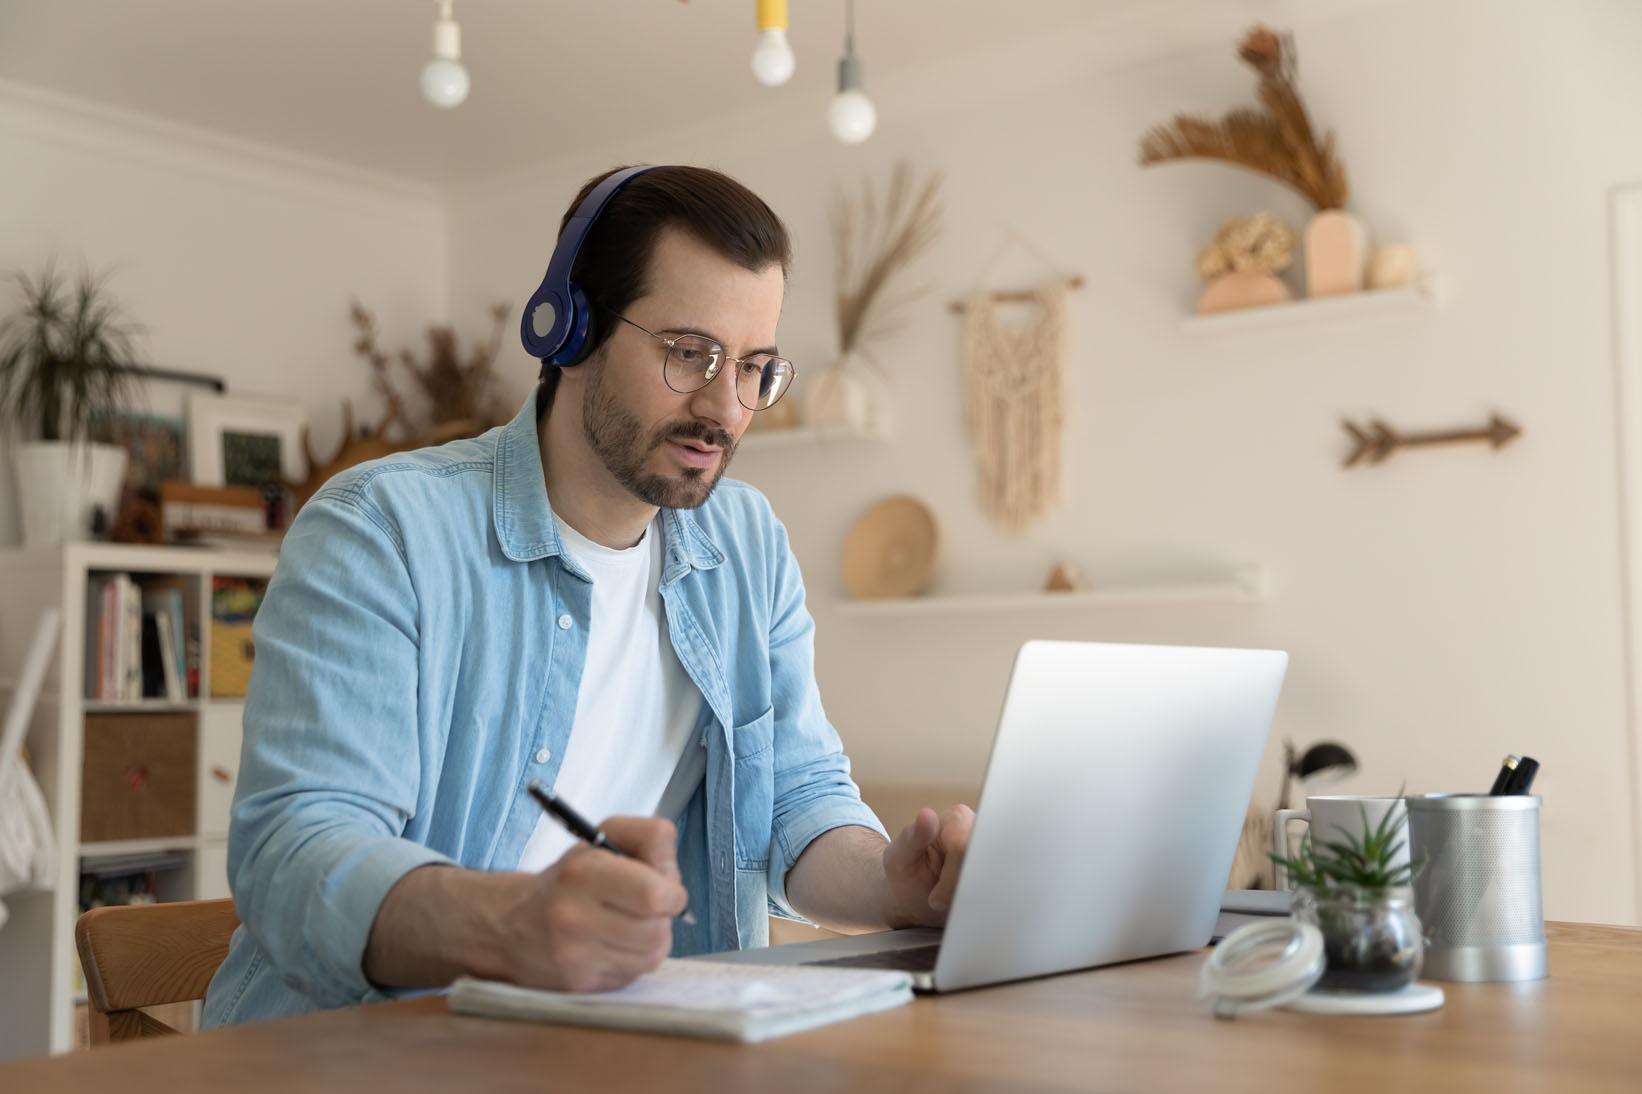 Pausa café: 4 razones para hacerla en tu jornada laboral